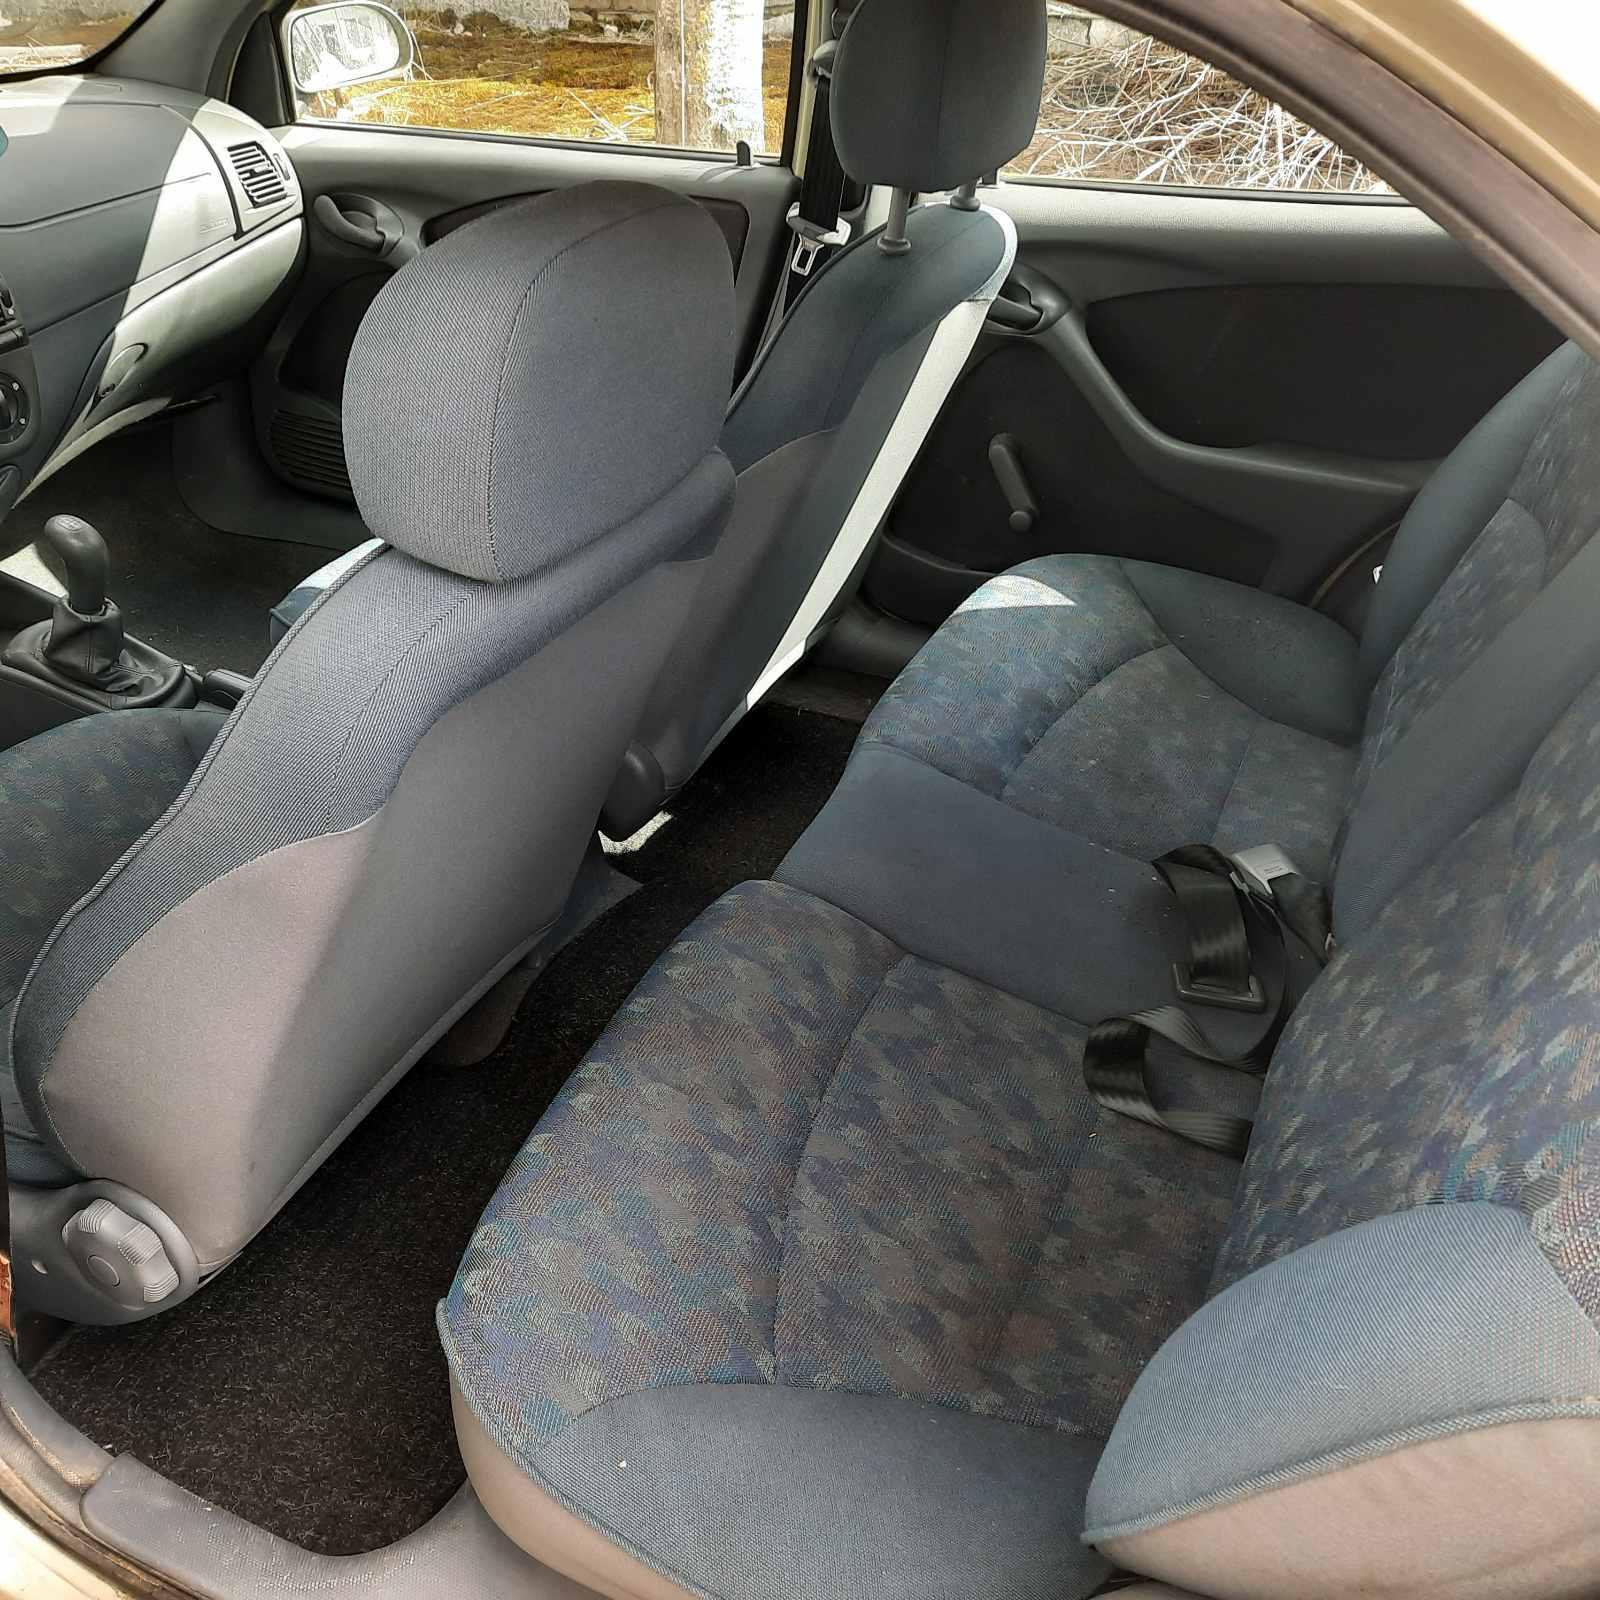 Подержанные Автозапчасти Fiat BRAVA 1996 1.9 машиностроение хэтчбэк 4/5 d. желтый 2021-4-07